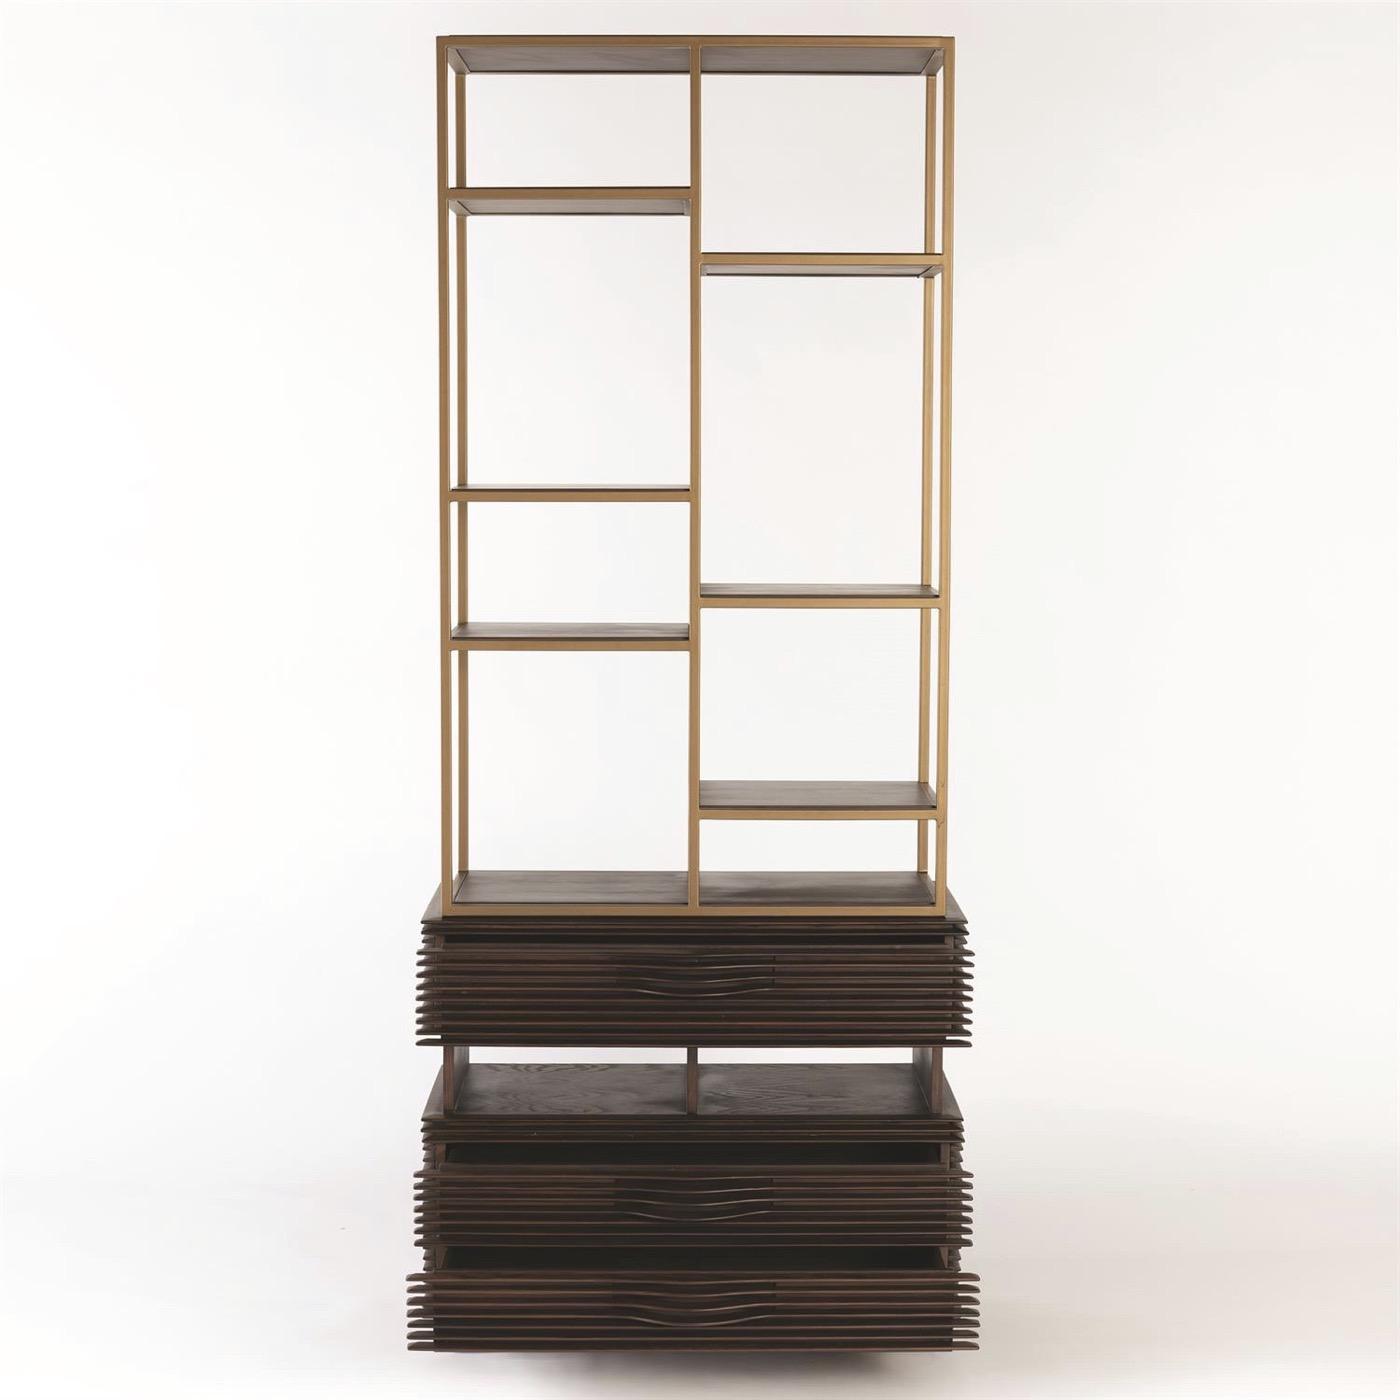 Salinger Bookshelf